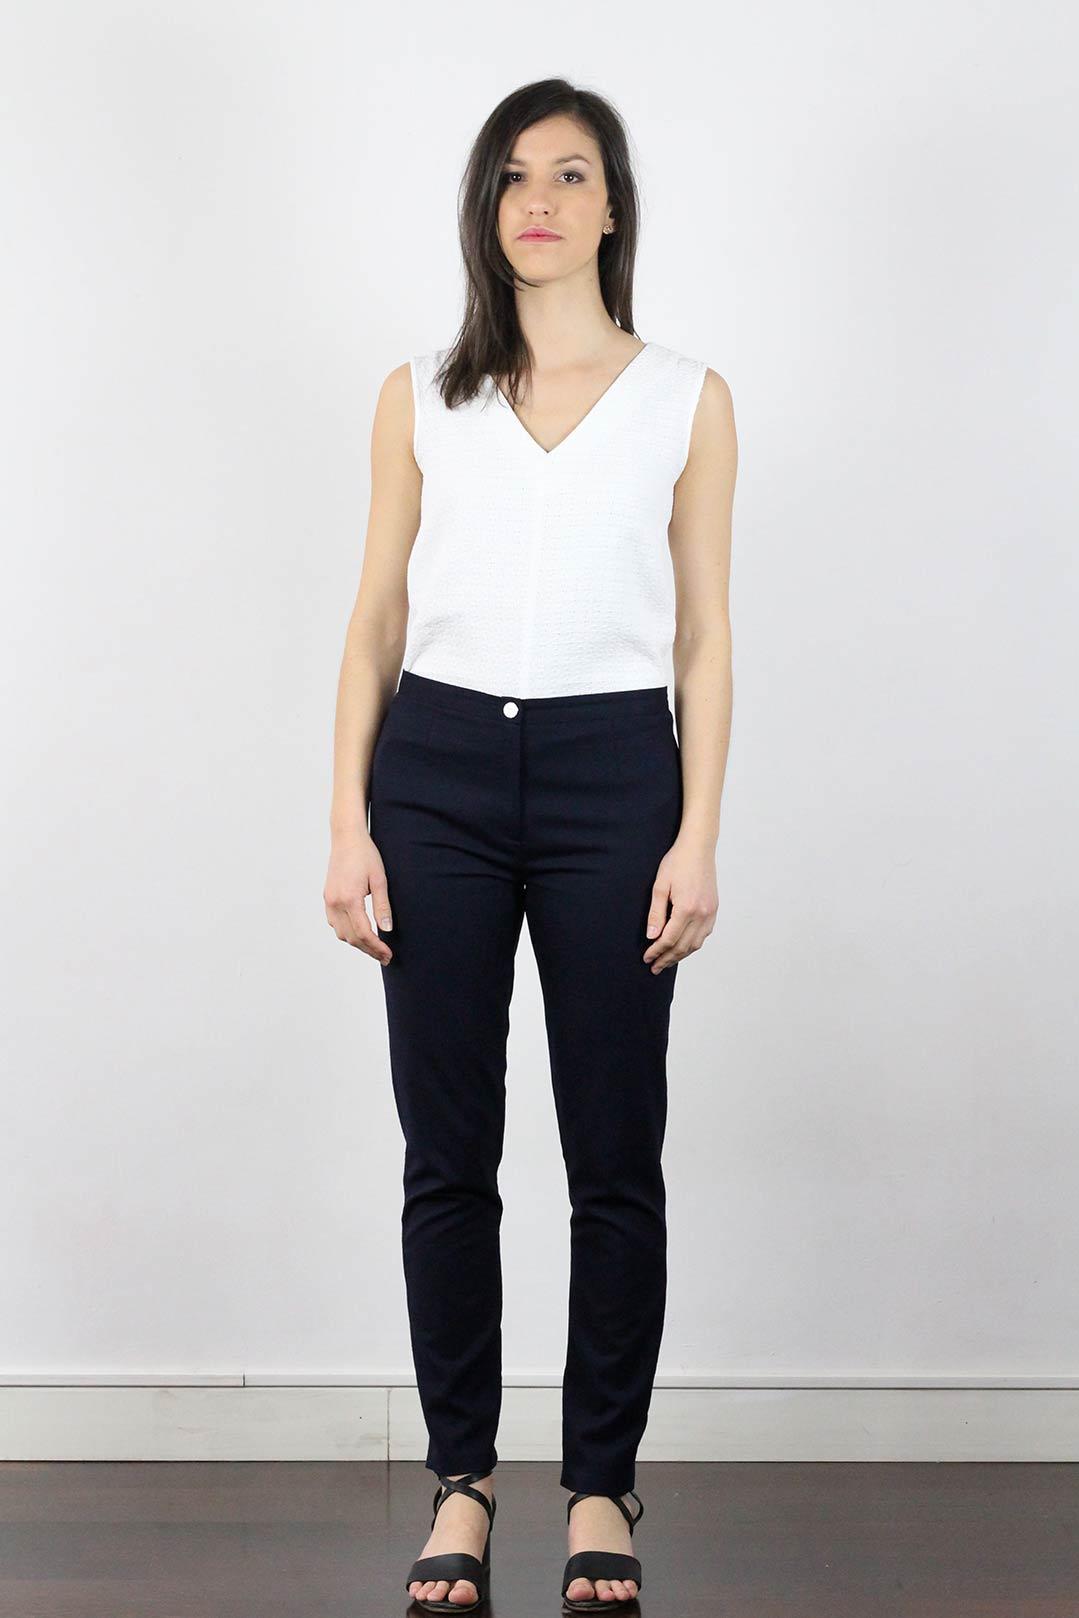 pantalon tailleur femme bleu marine laine flanelle made in france. Black Bedroom Furniture Sets. Home Design Ideas